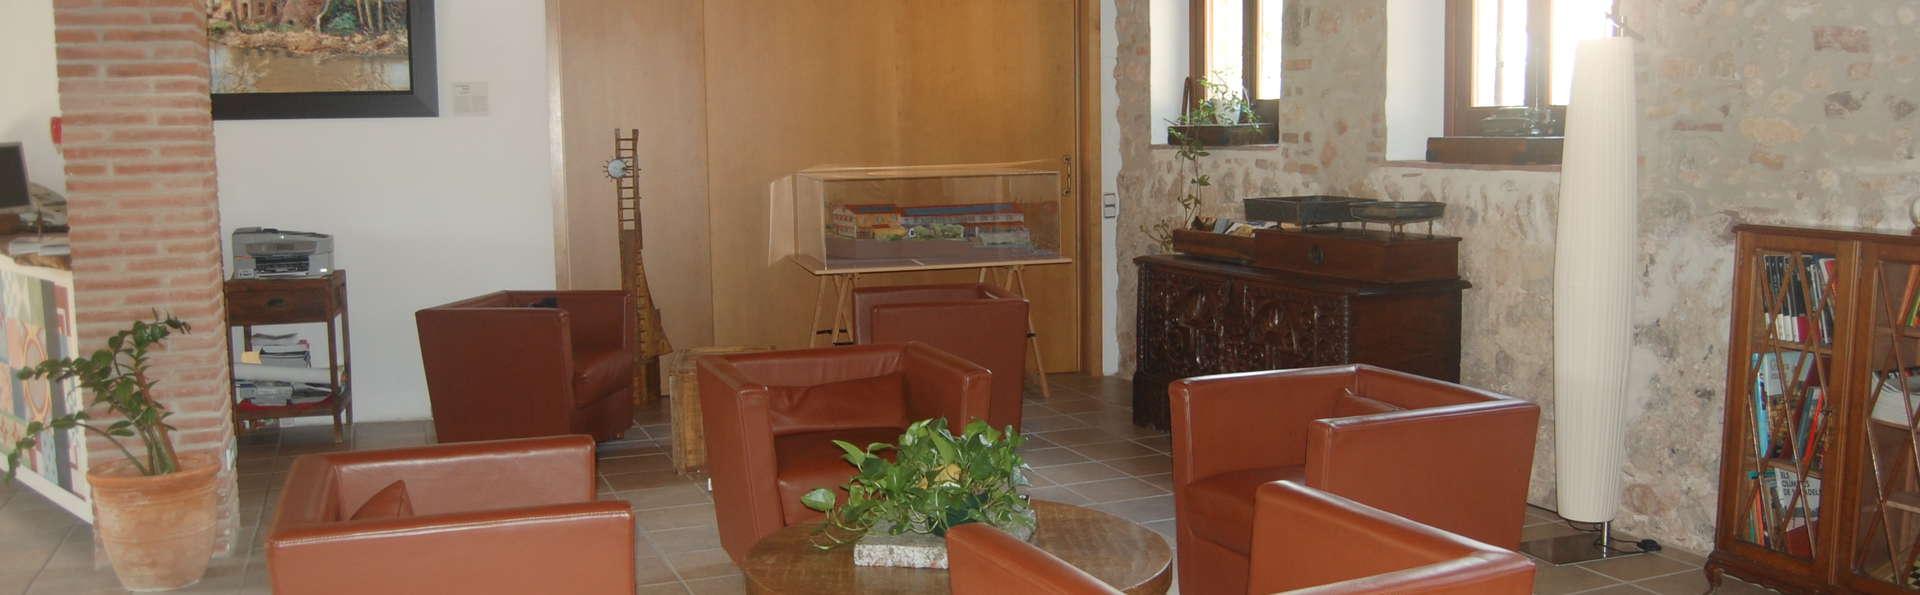 Hotel Molí de la Torre - DSC_0878.JPG